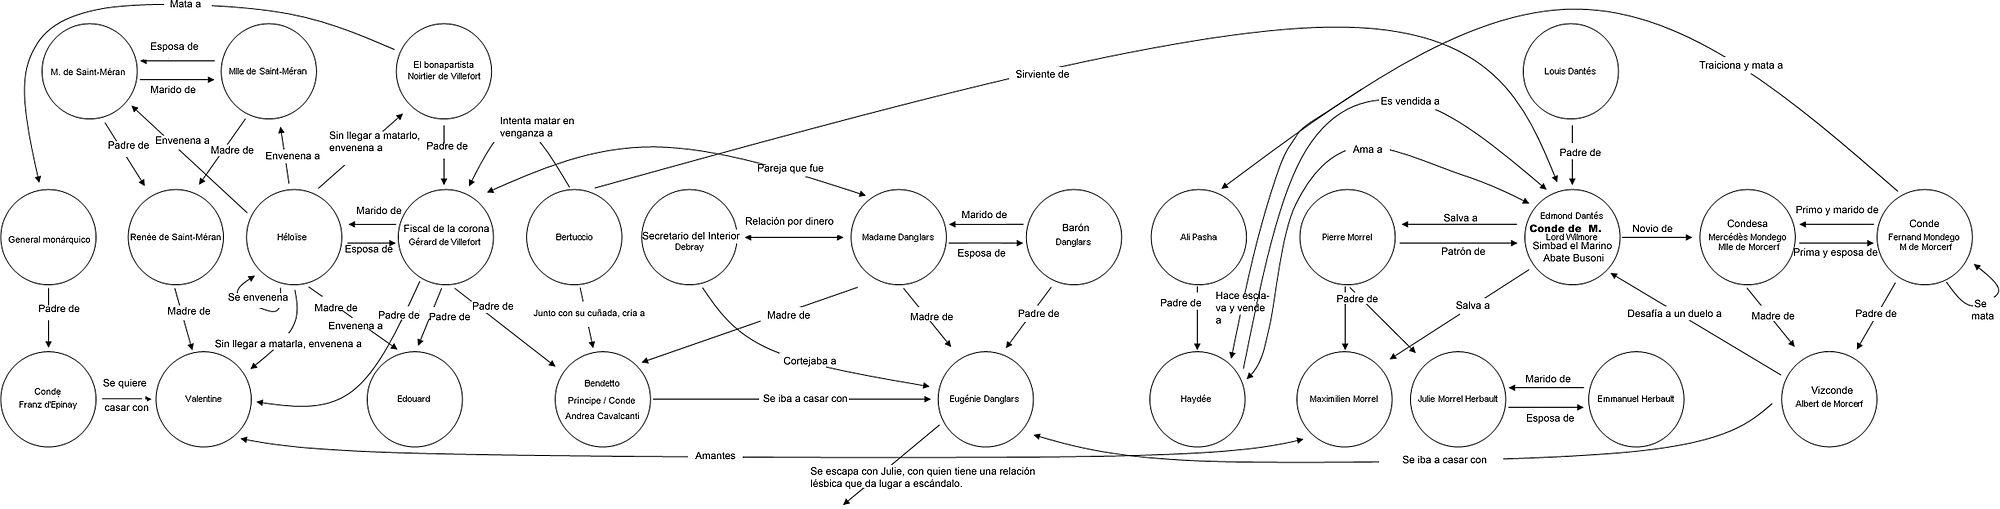 El conde de Montecristo - Wikipedia, la enciclopedia libre